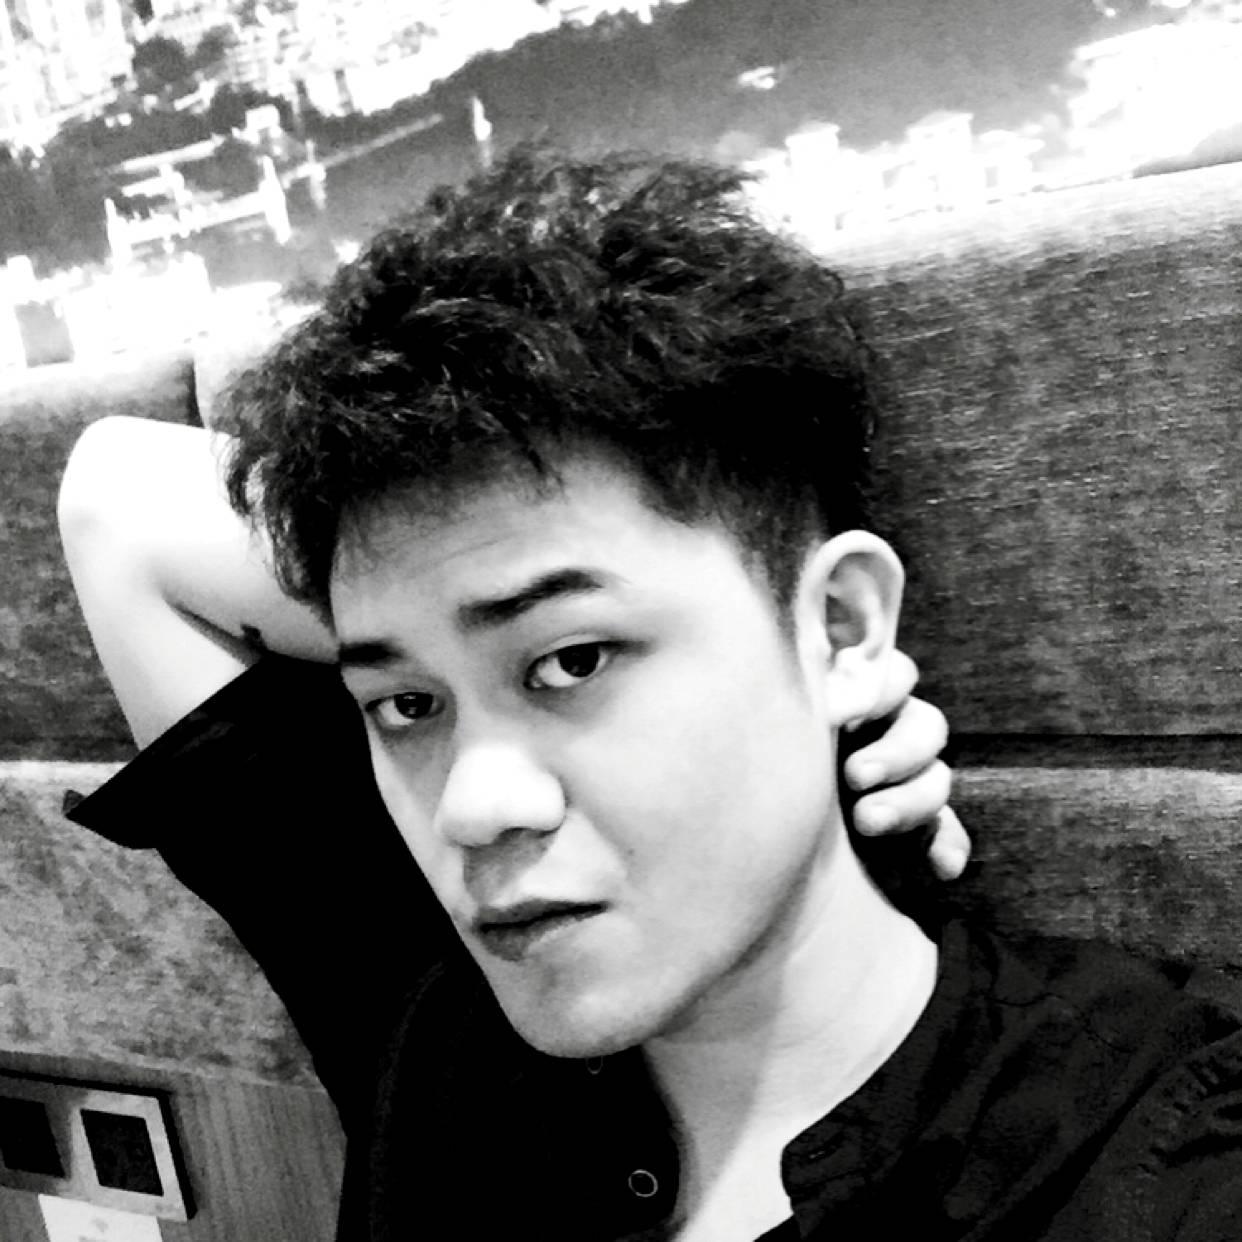 陈伟霖的照片